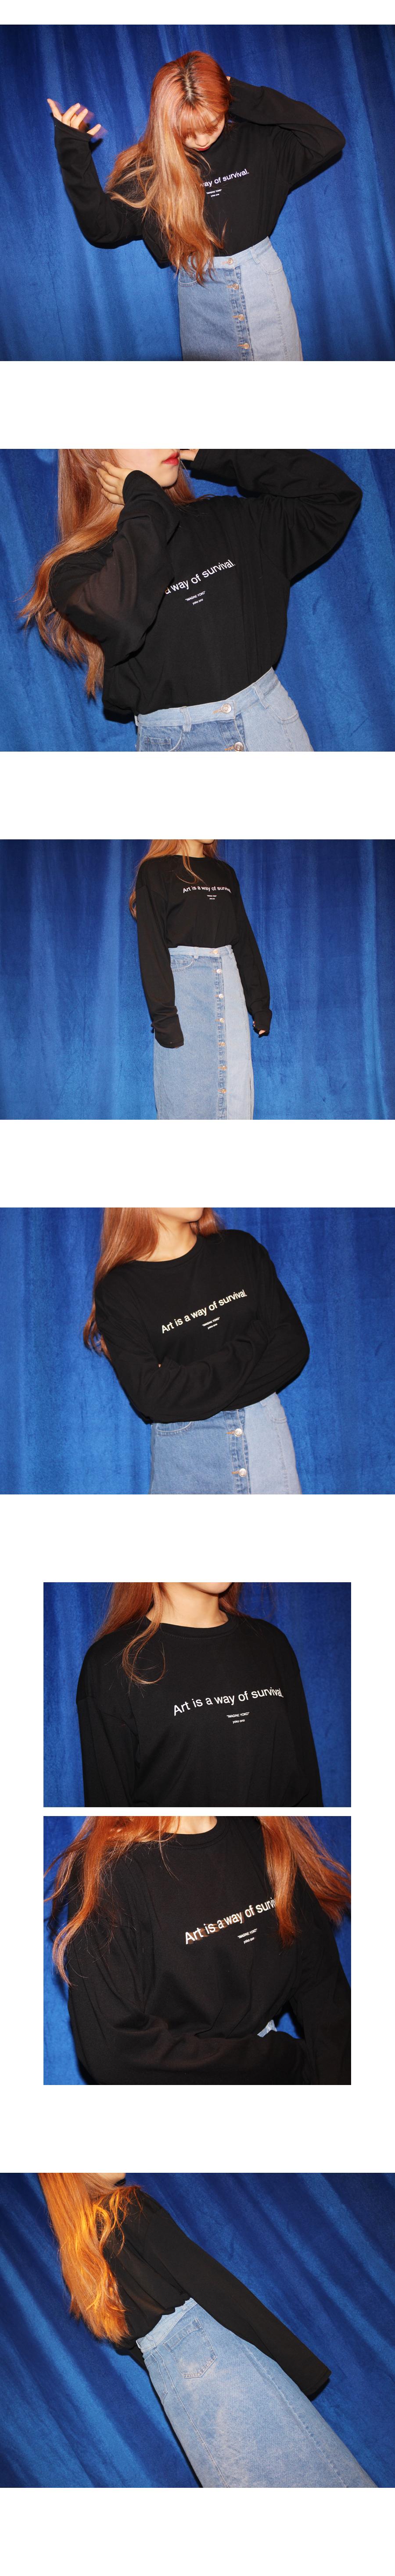 남녀공용 롱슬리브 티셔츠 (4colors) - 써리미, 27,000원, 긴팔티셔츠, 무지